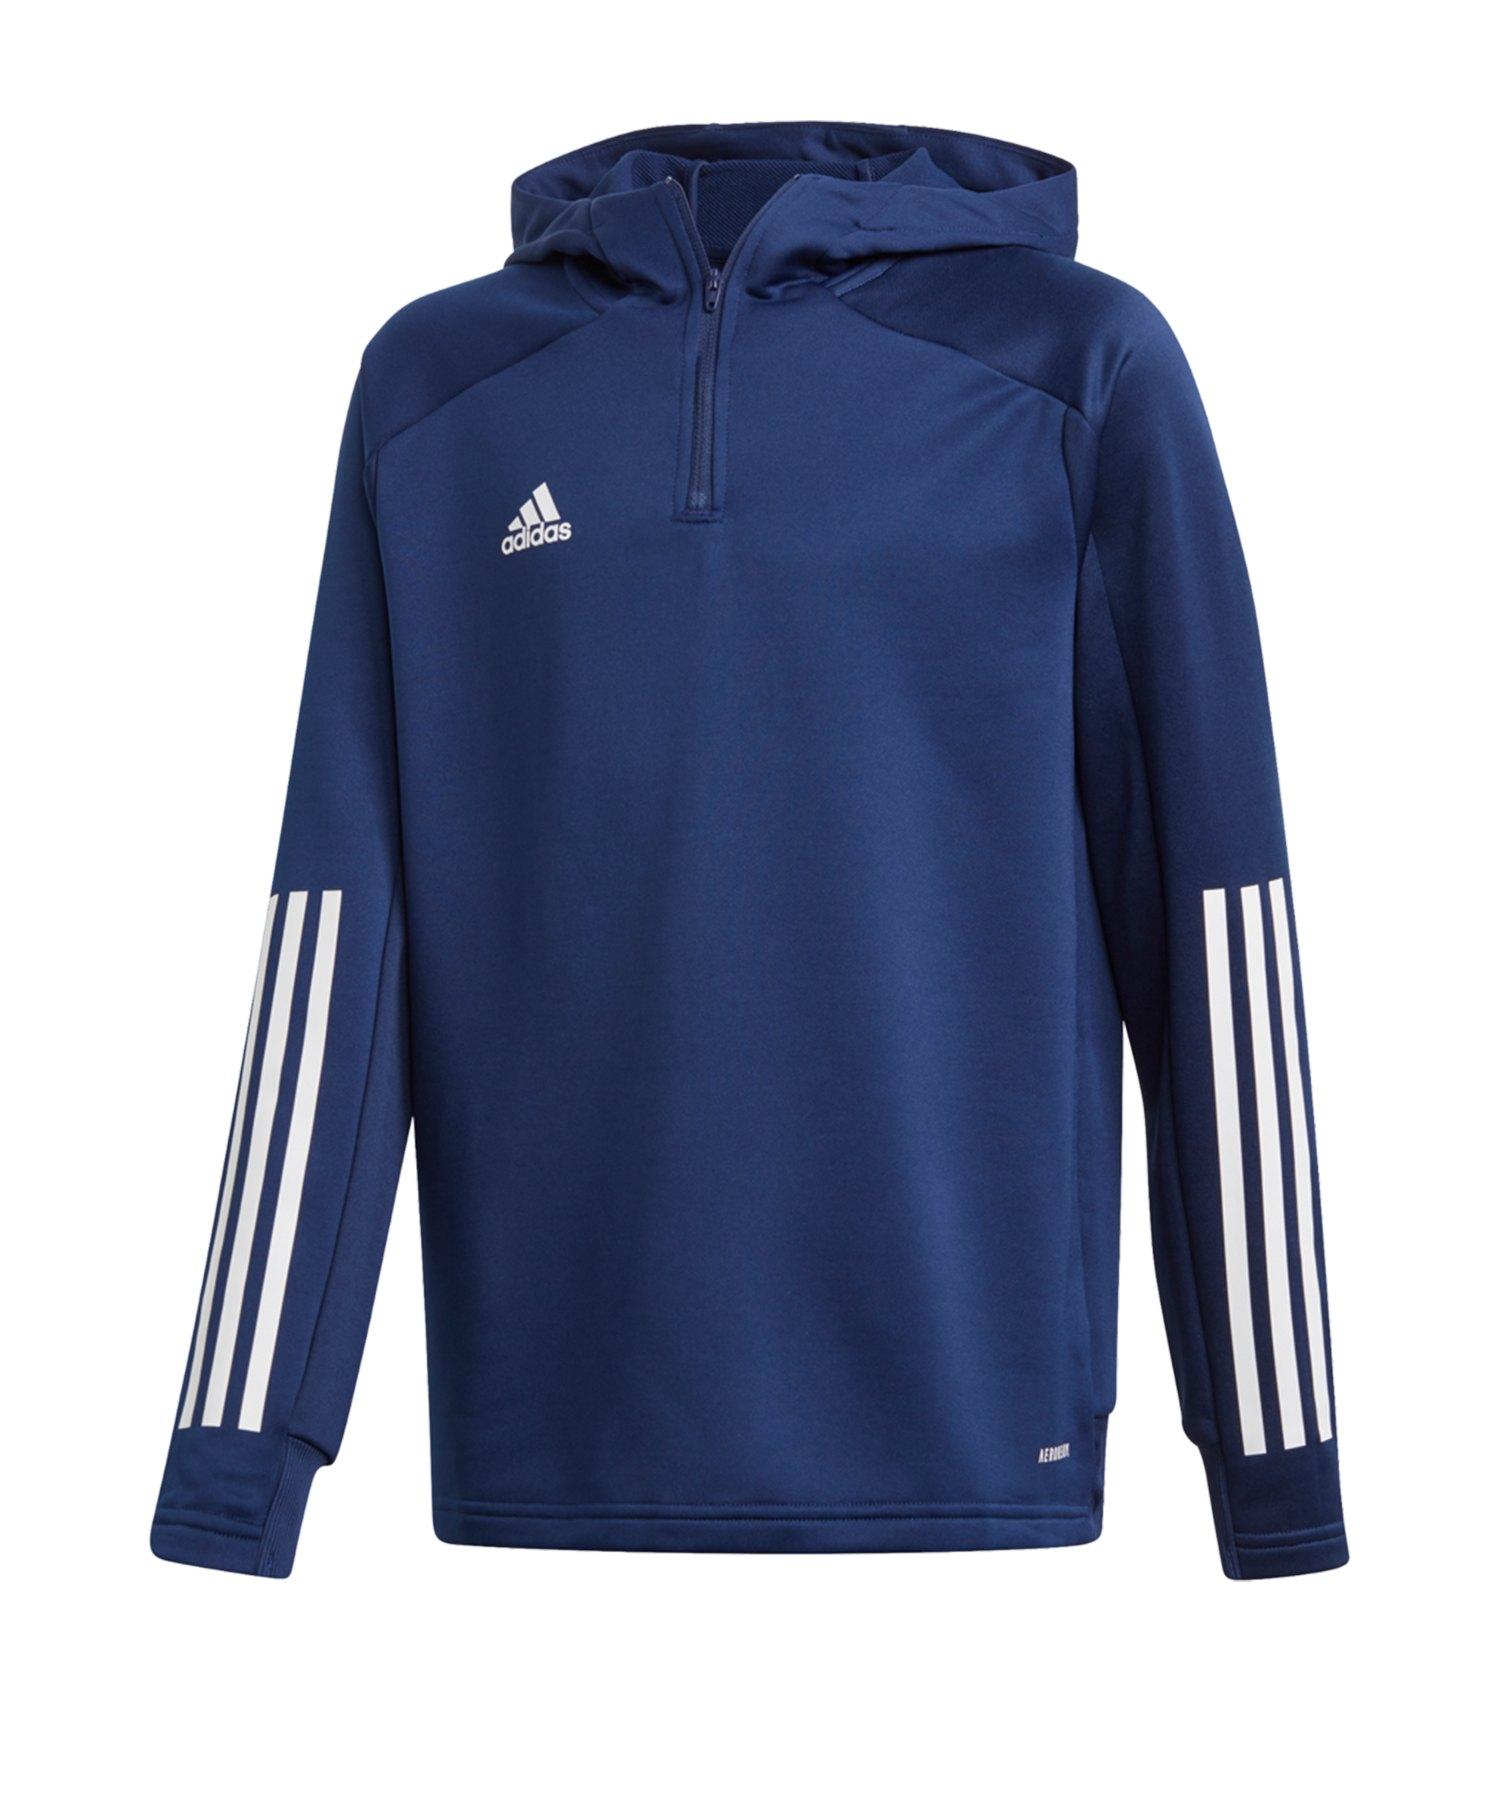 adidas Condivo 20 Kapuzensweatshirt Kid Dunkelblau - blau